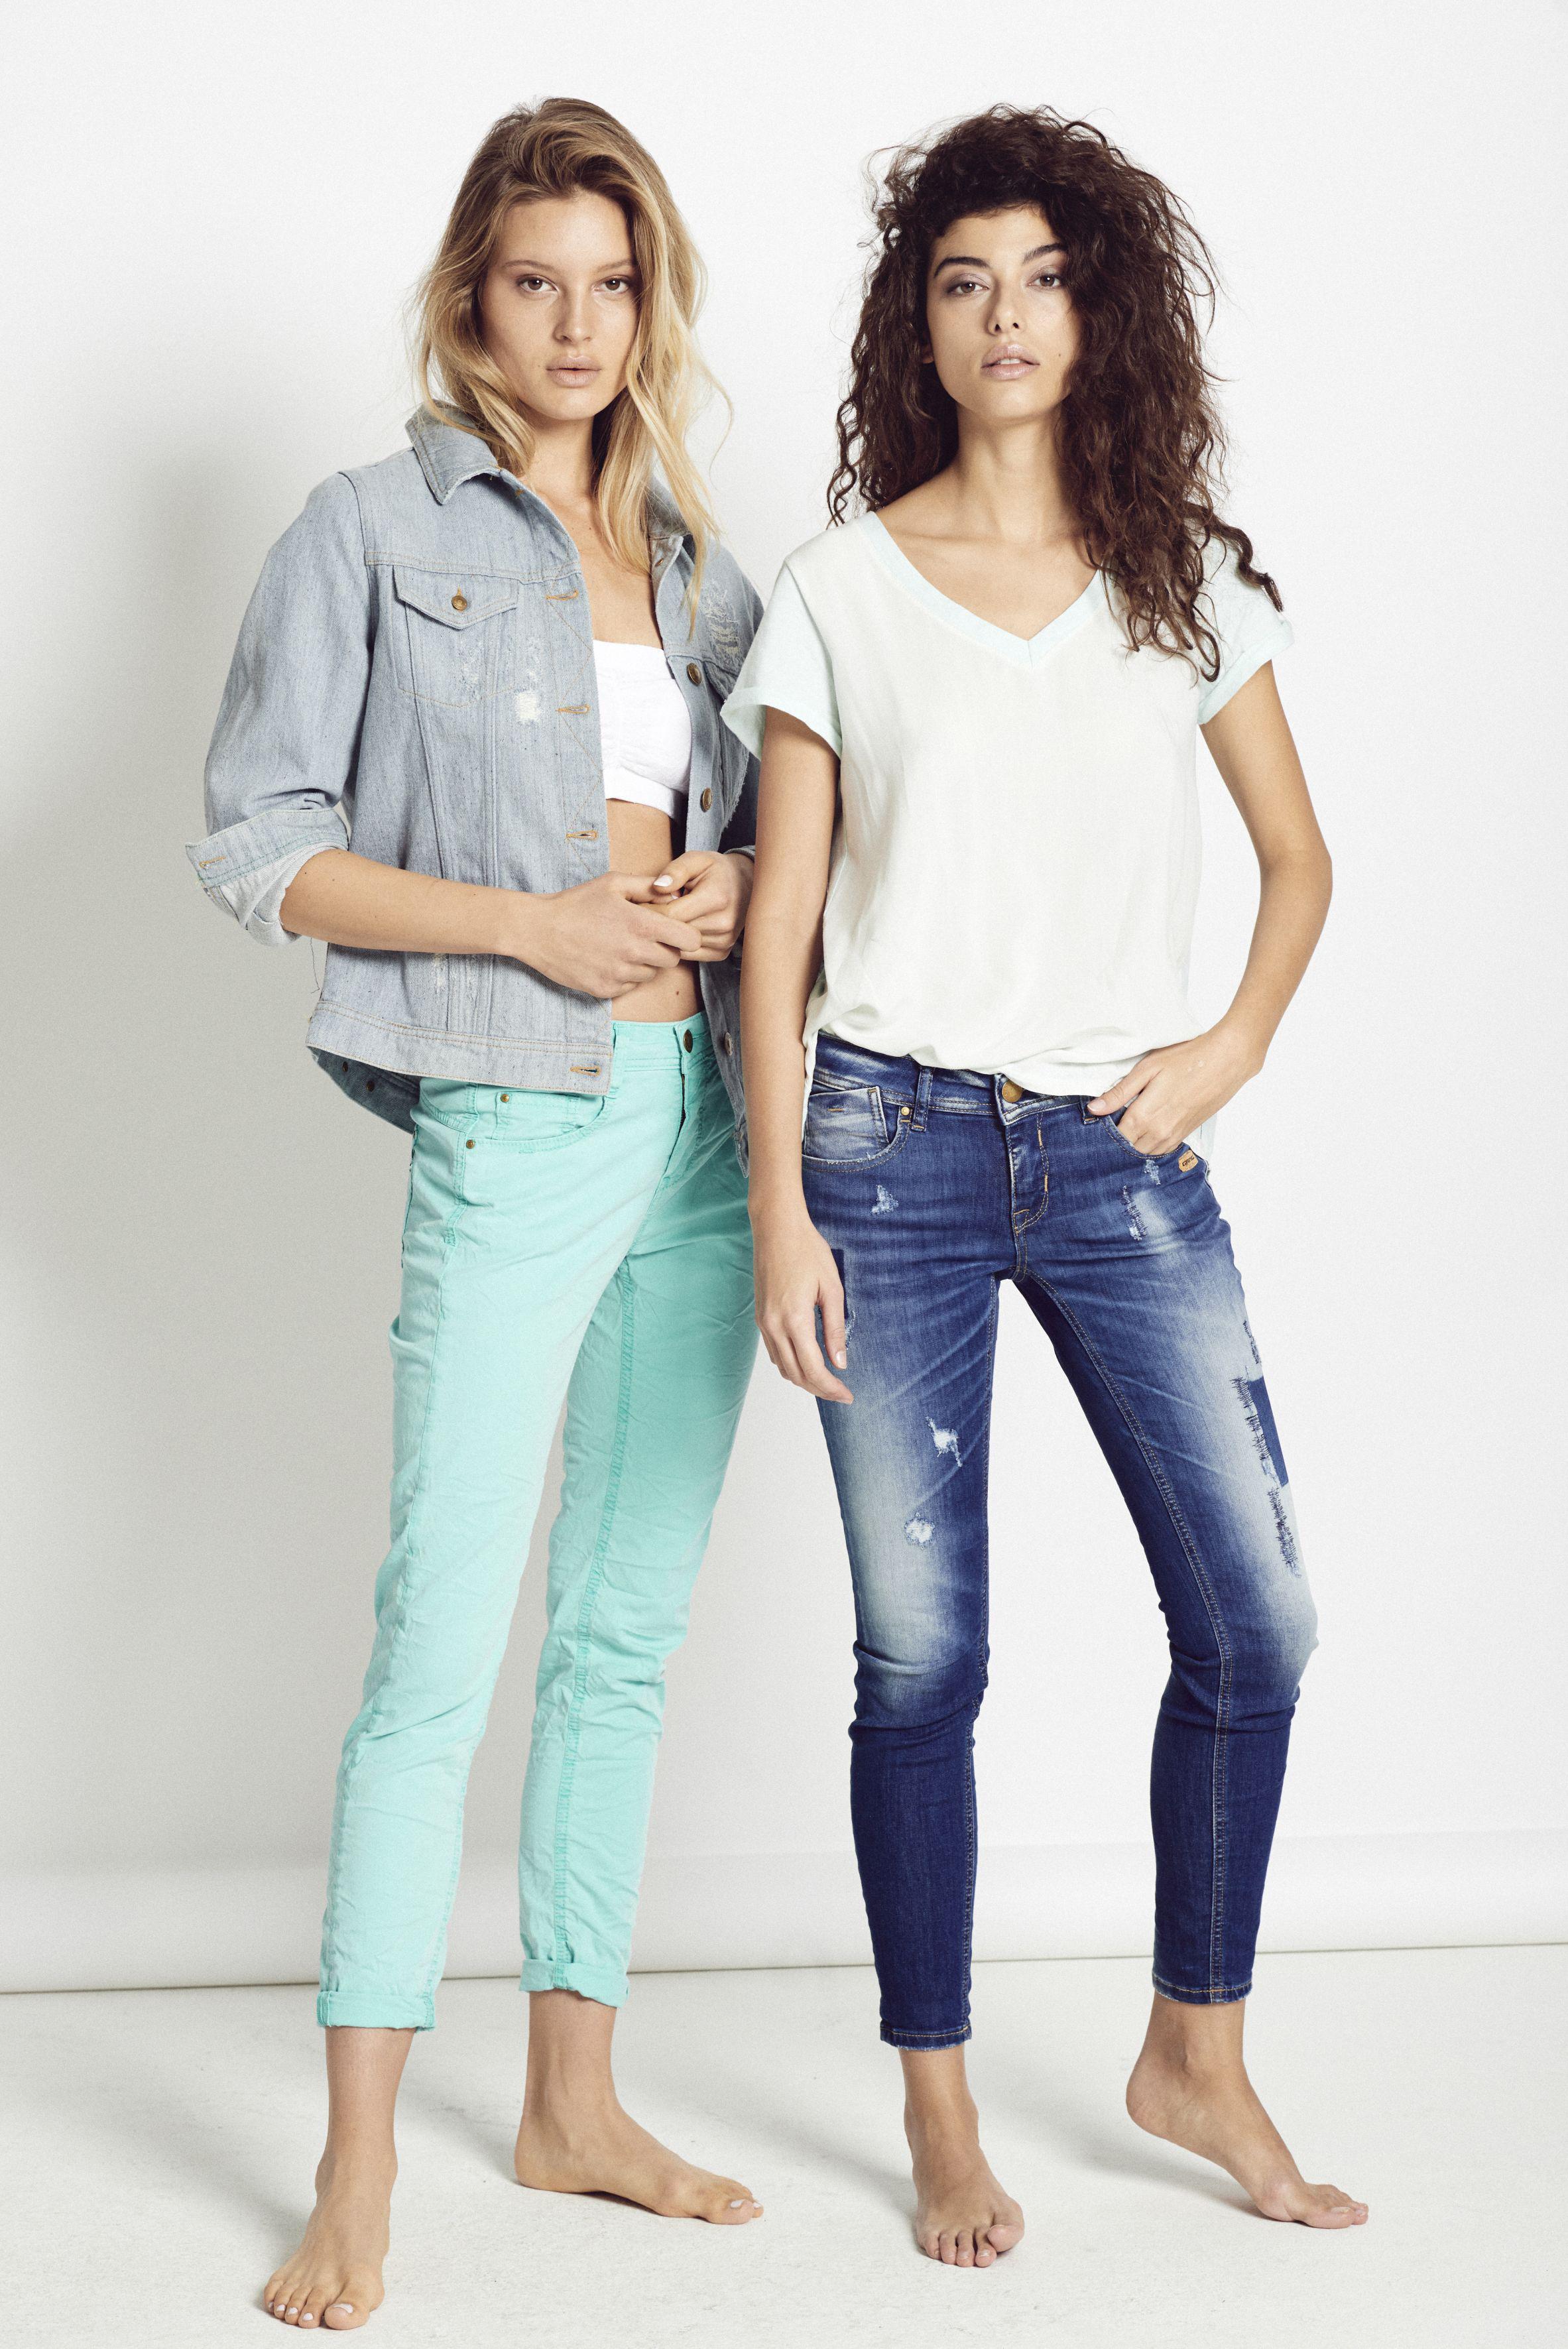 ¿Cómo encontrar el jeans perfecto?